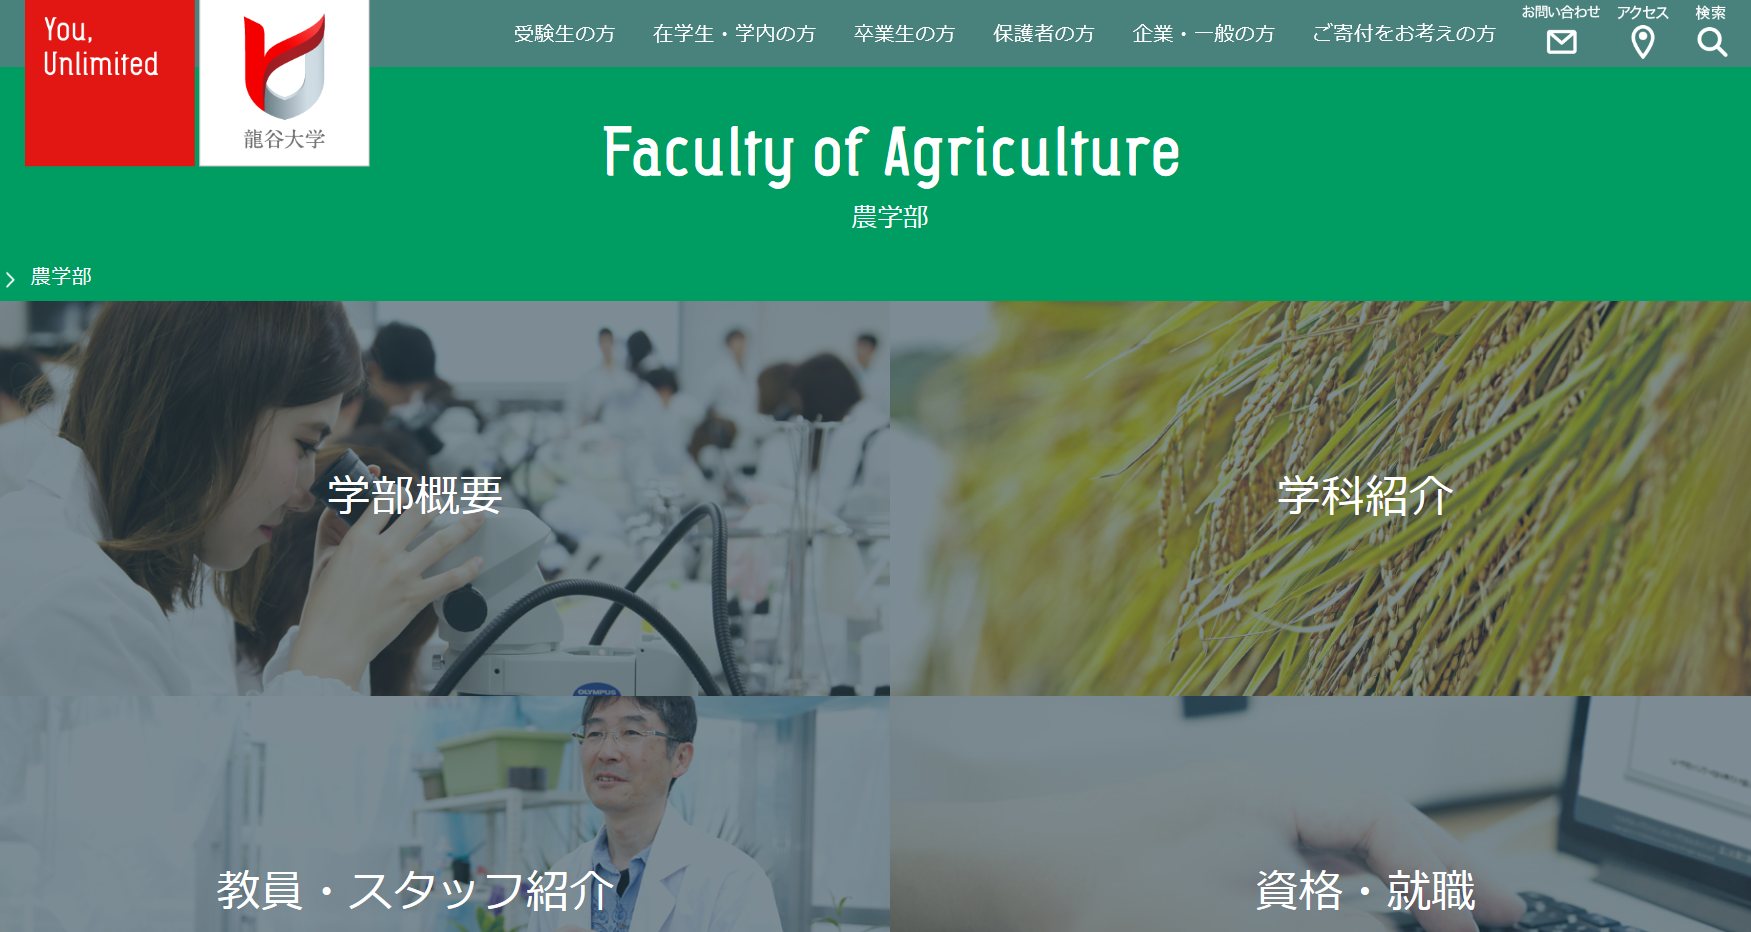 龍谷大学の評判・口コミ【農学部編】